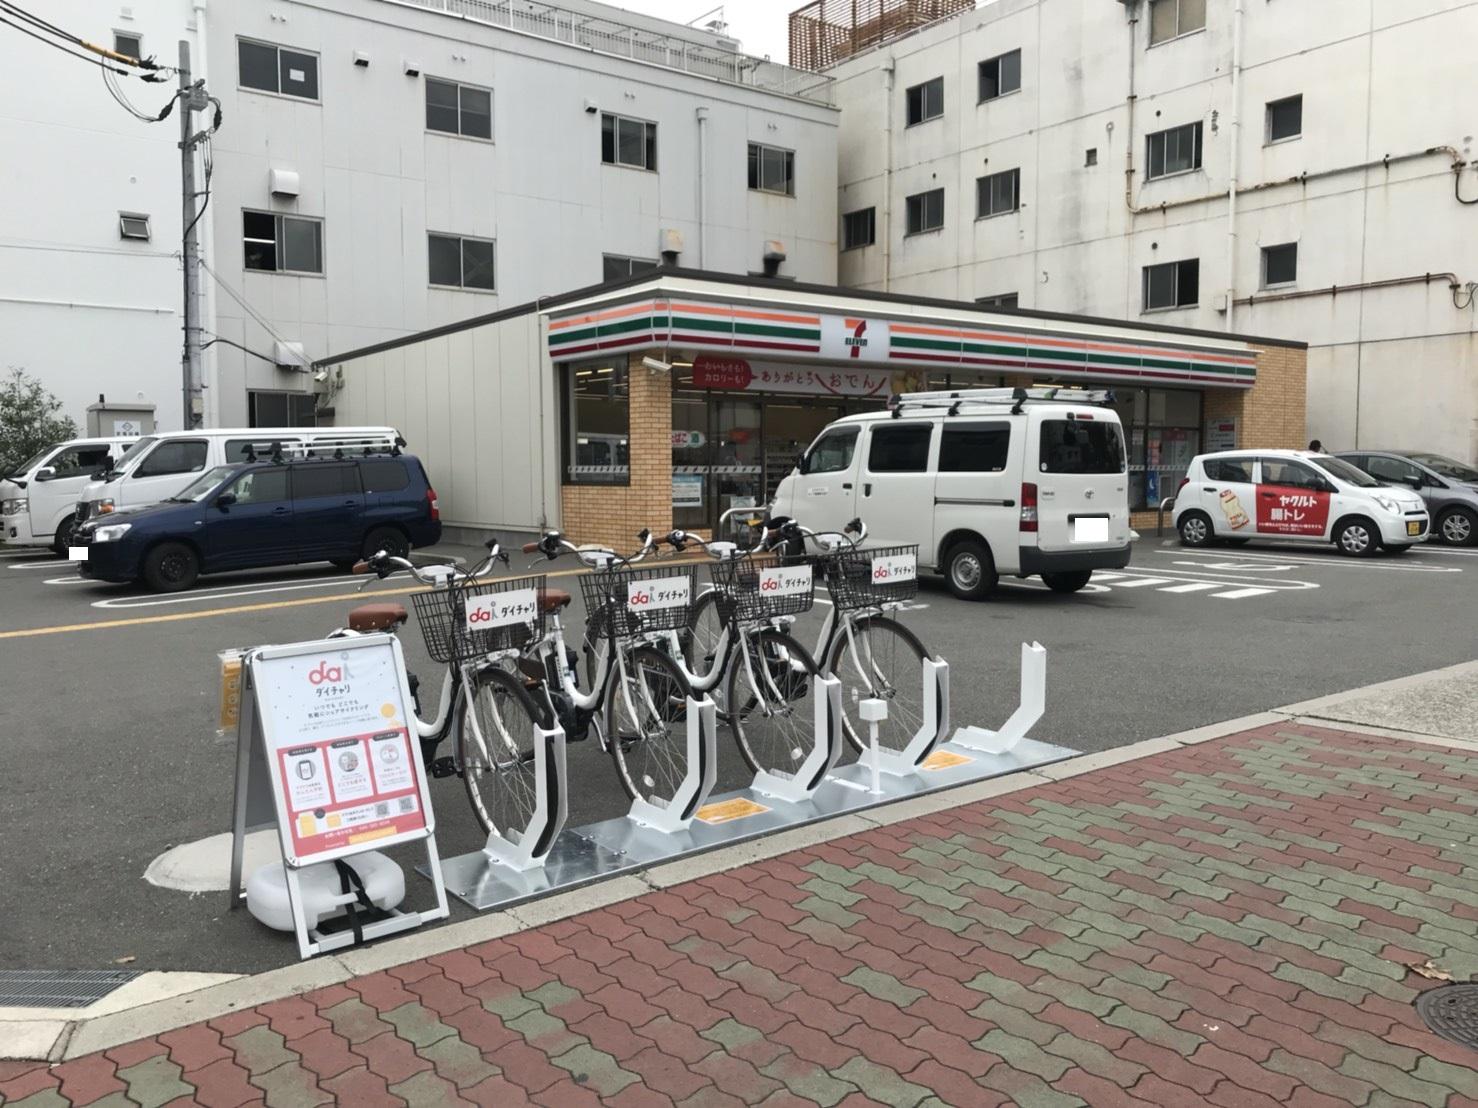 セブンイレブン 大阪田川北2丁目店 (HELLO CYCLING ポート) image